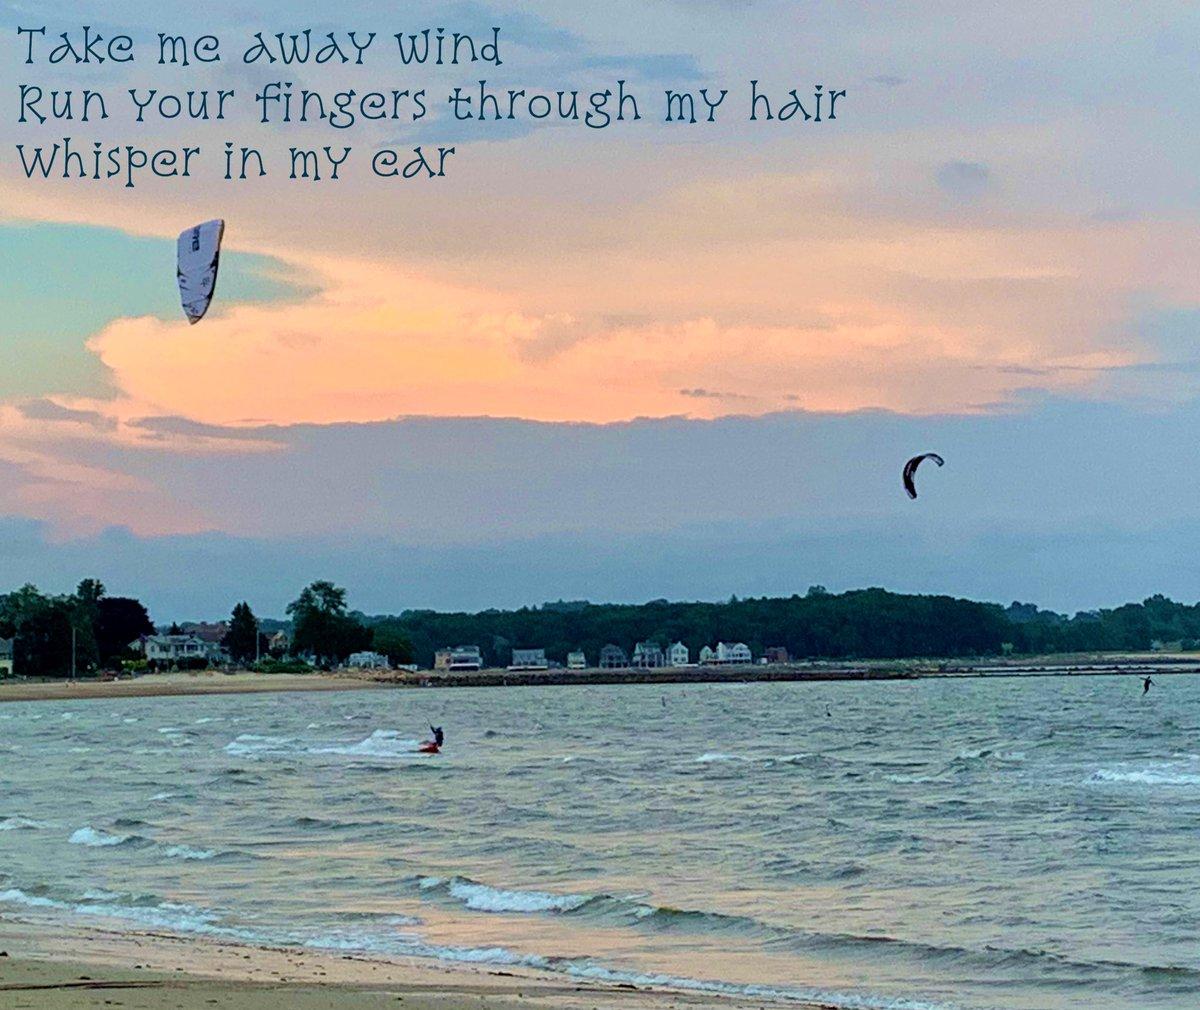 #haiku #poem #poetry #beach #windsurfing #sky #clouds #sunset #whisper #takemeaway #fingers #hair #dream https://t.co/ccuJJHKefa